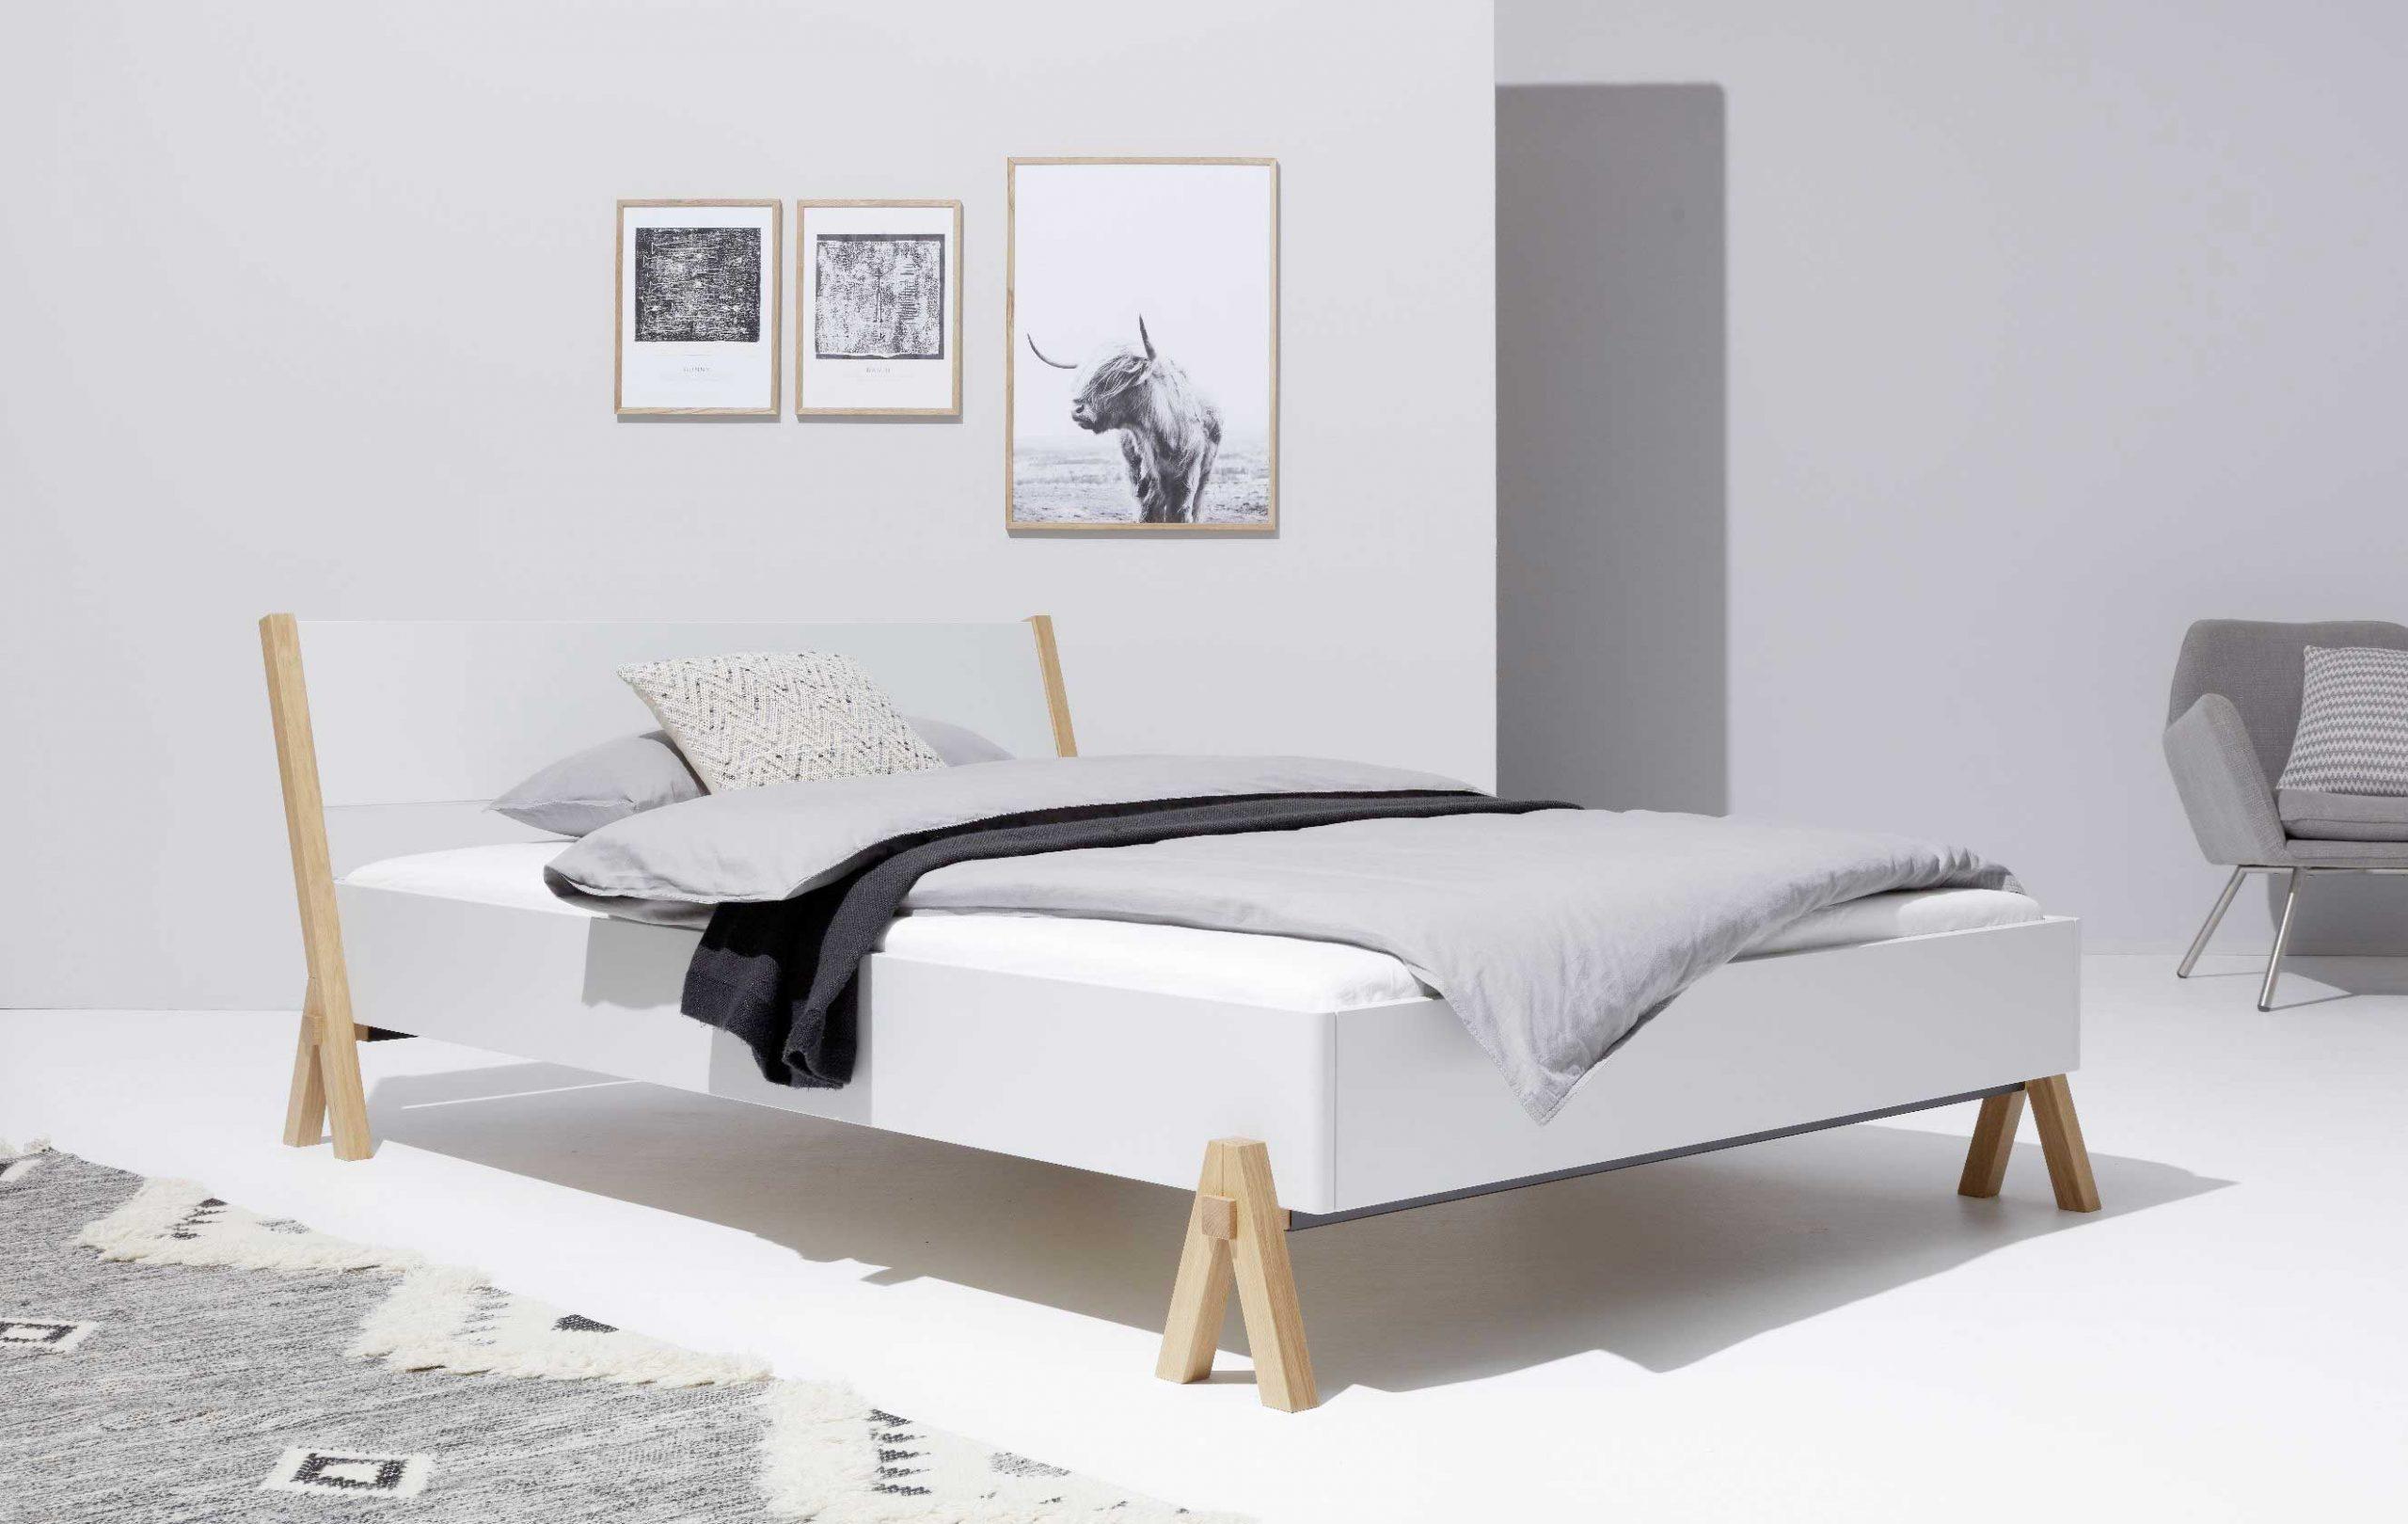 Full Size of Bett 160x200 Mit Lattenrost Designwebstore Boq Weiss 140 200 Cm Ohne Betten überlänge Bestes Sofa Verstellbarer Sitztiefe Badewanne Bette 140x200 Weiß Bett Bett 160x200 Mit Lattenrost